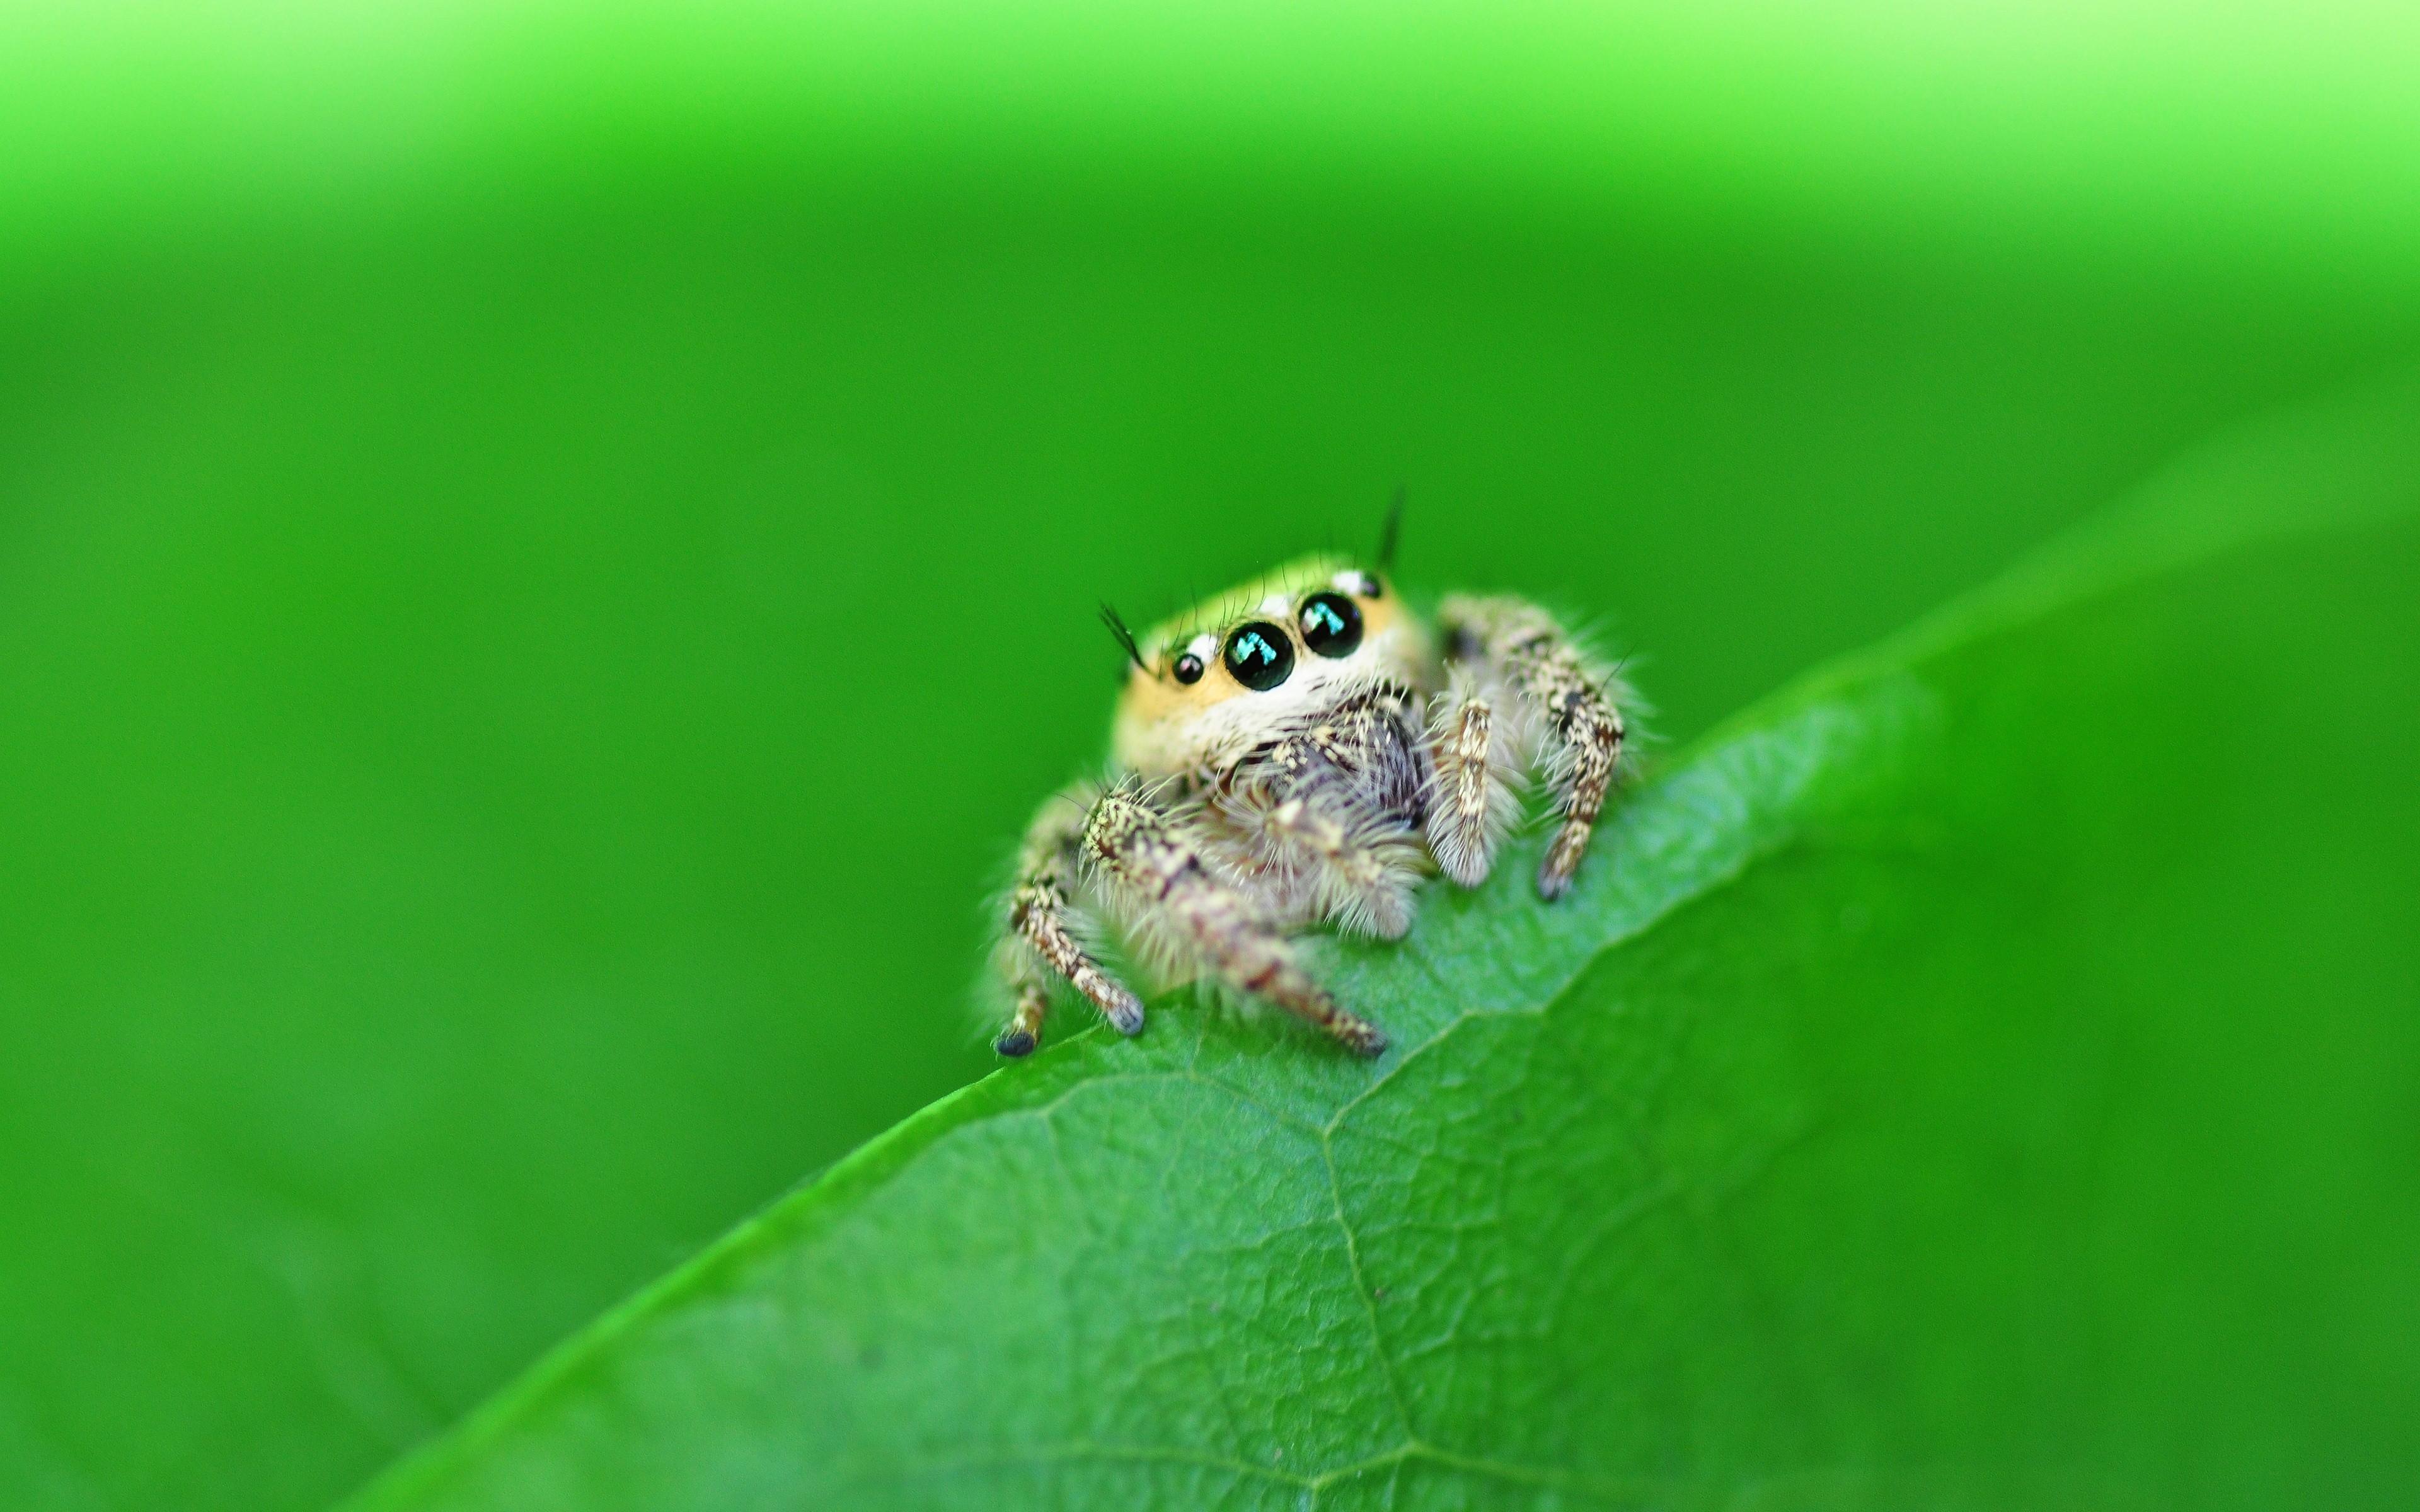 Una pequeña hermosa araña - 3840x2400